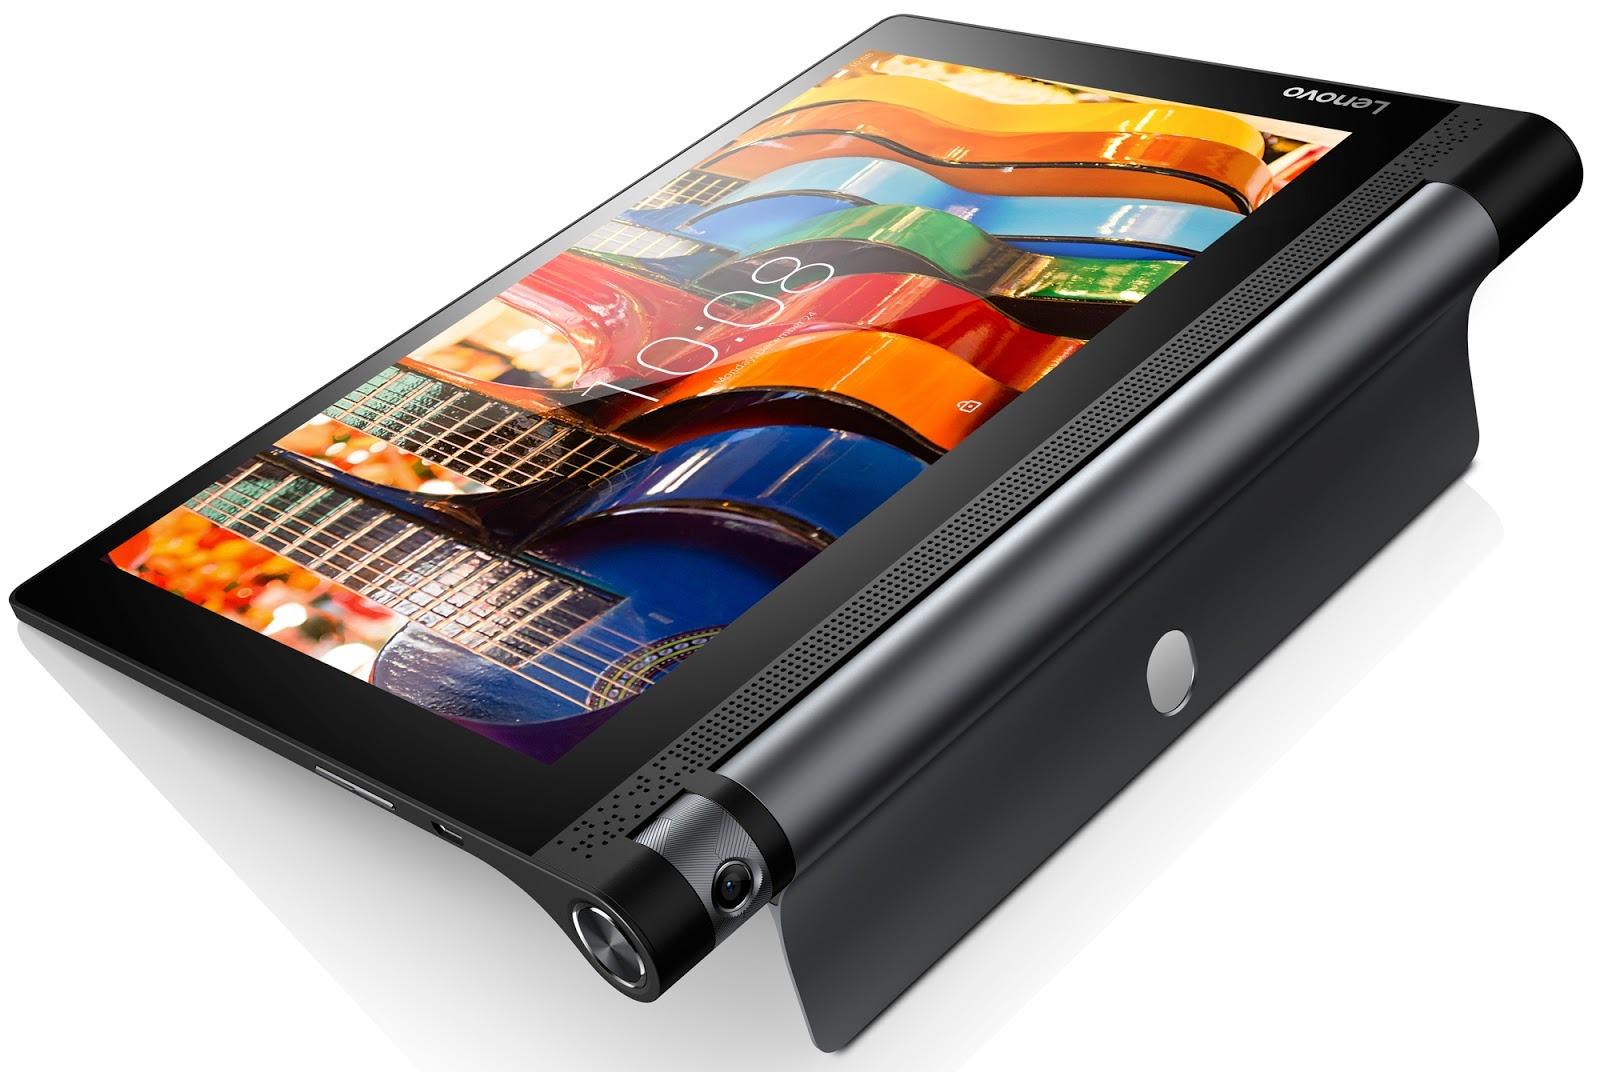 разноцветные планшеты на одной картинке